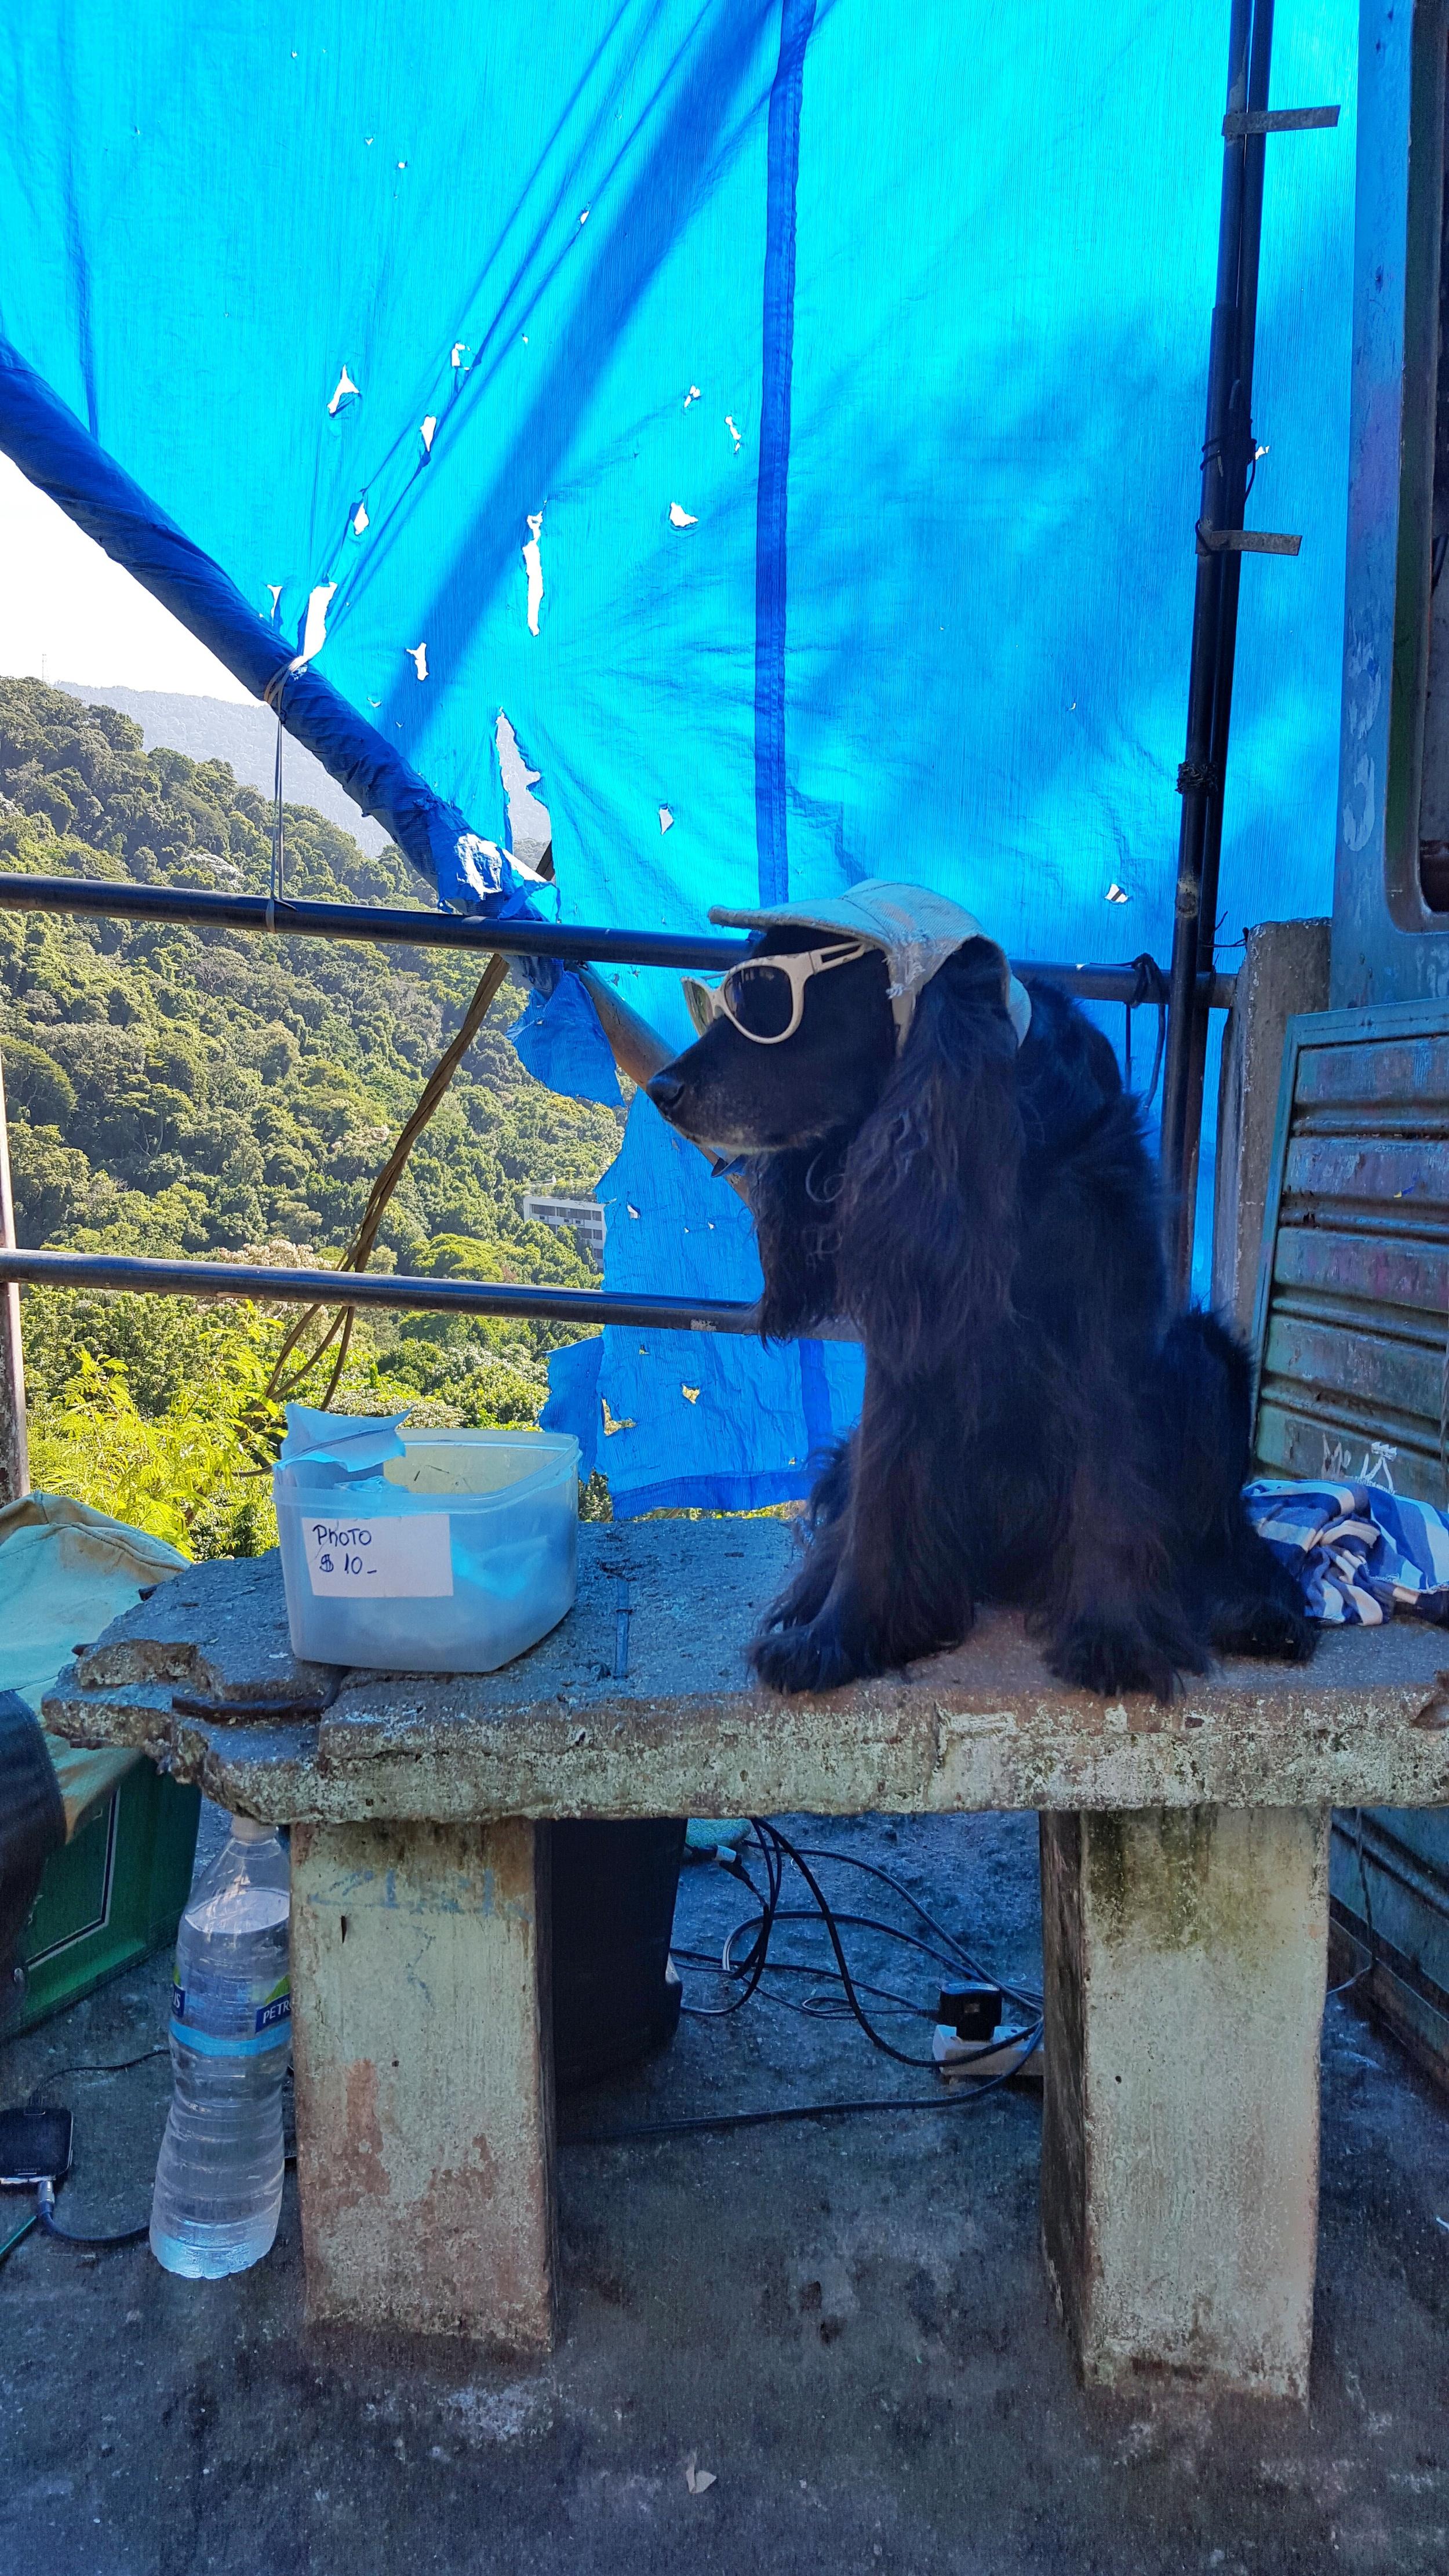 Dog at favela